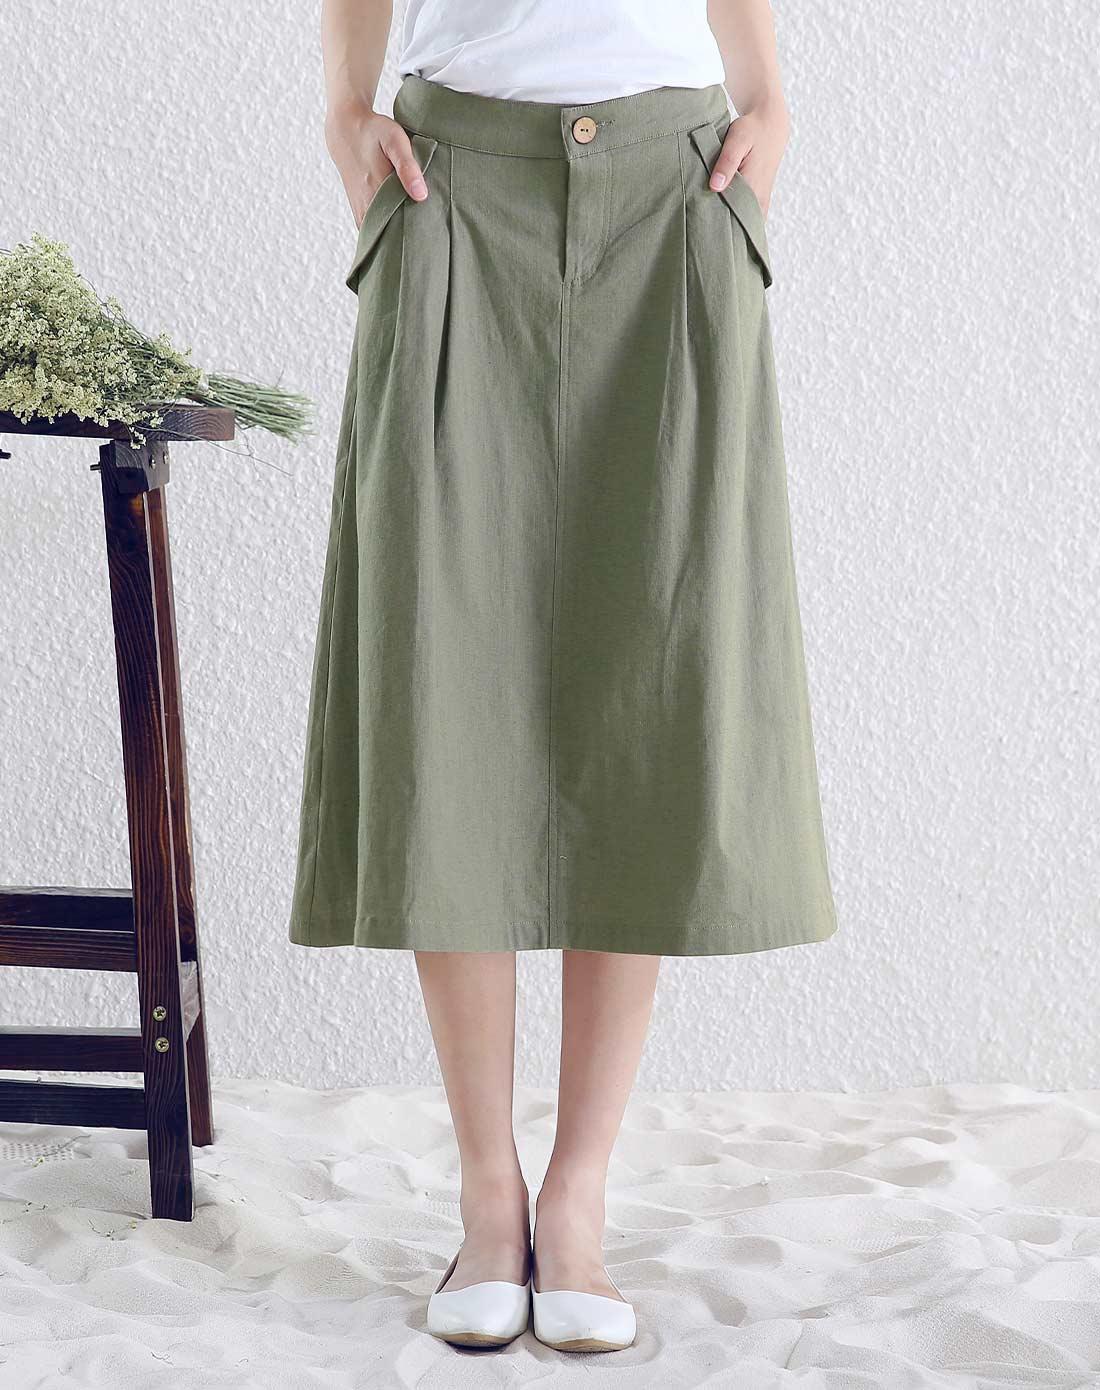 女款军绿色半身裙